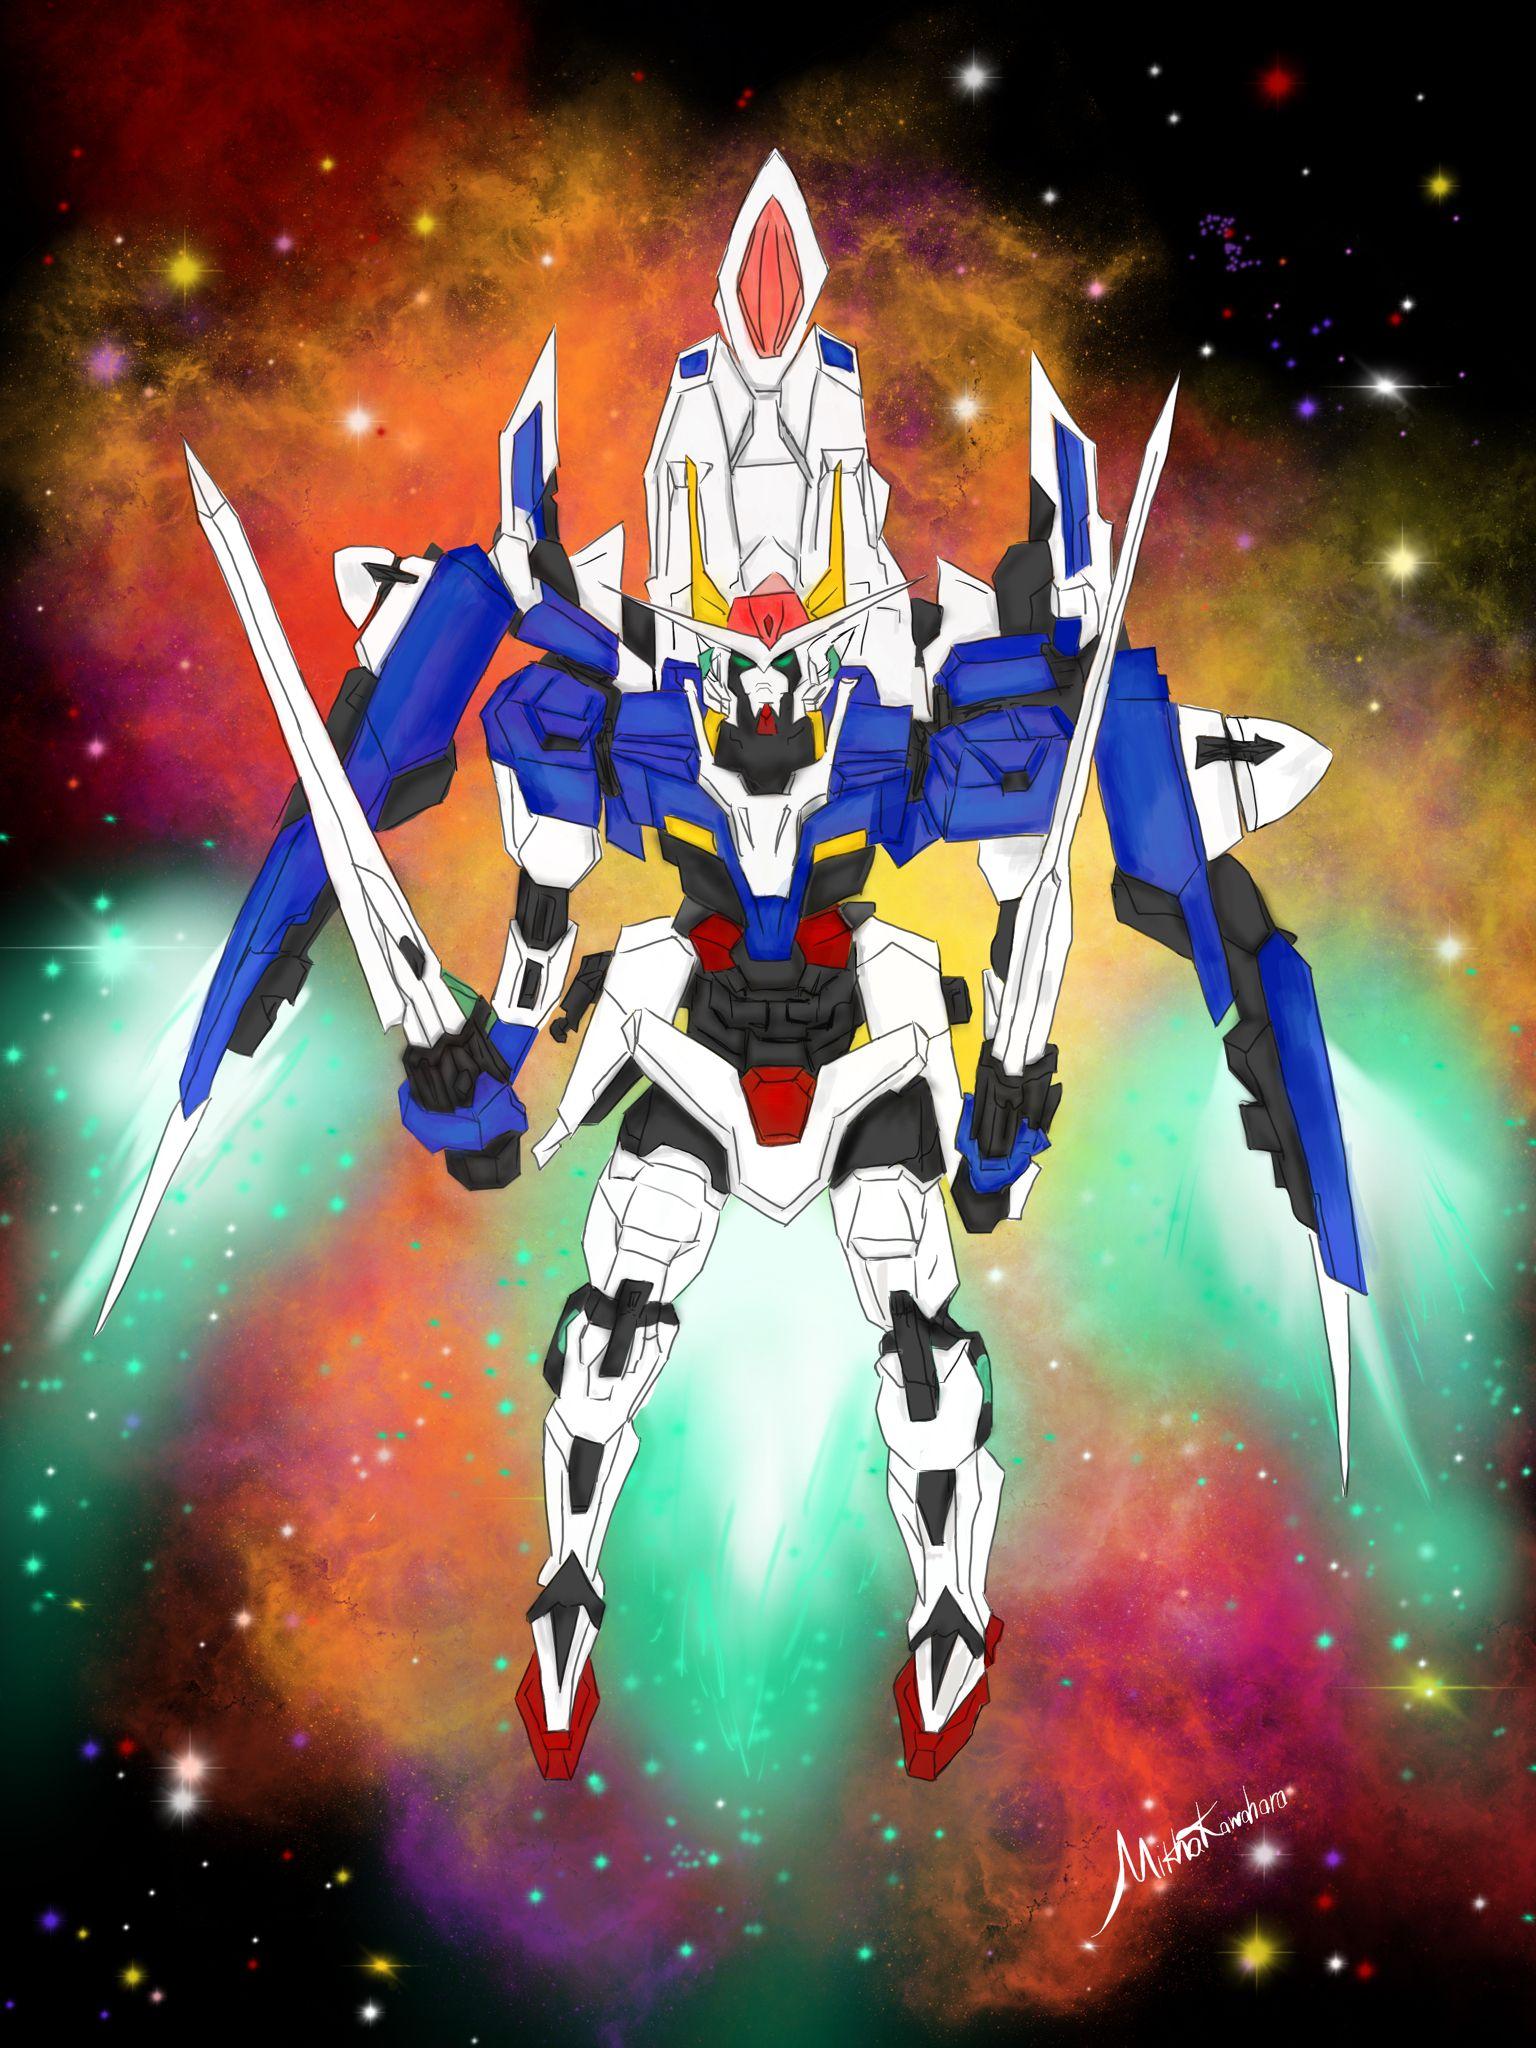 Gundam 00 Raiser Hand-drew and digitally painted.